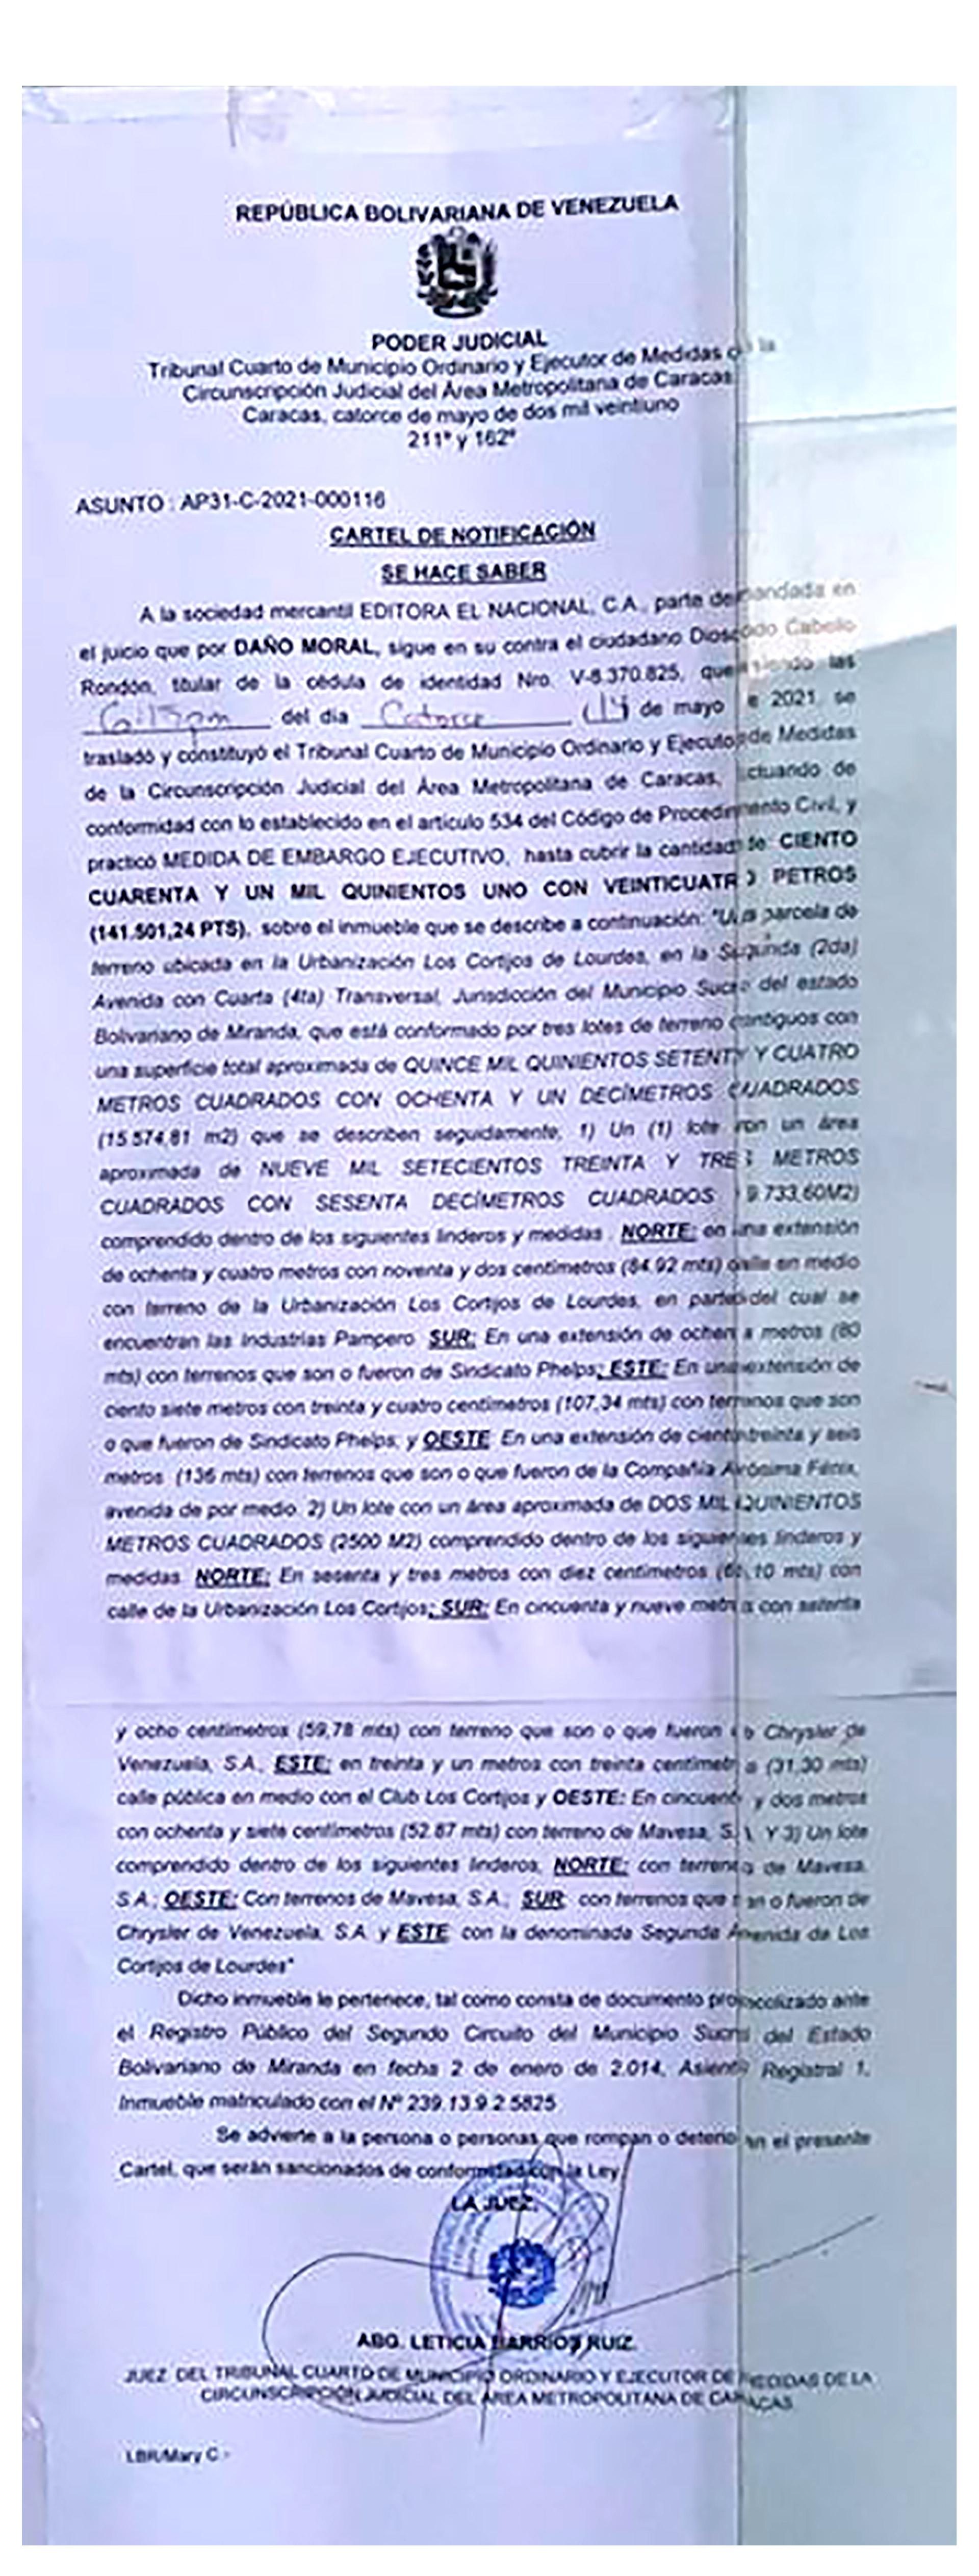 El cartel de notificación del embargo a El Nacional